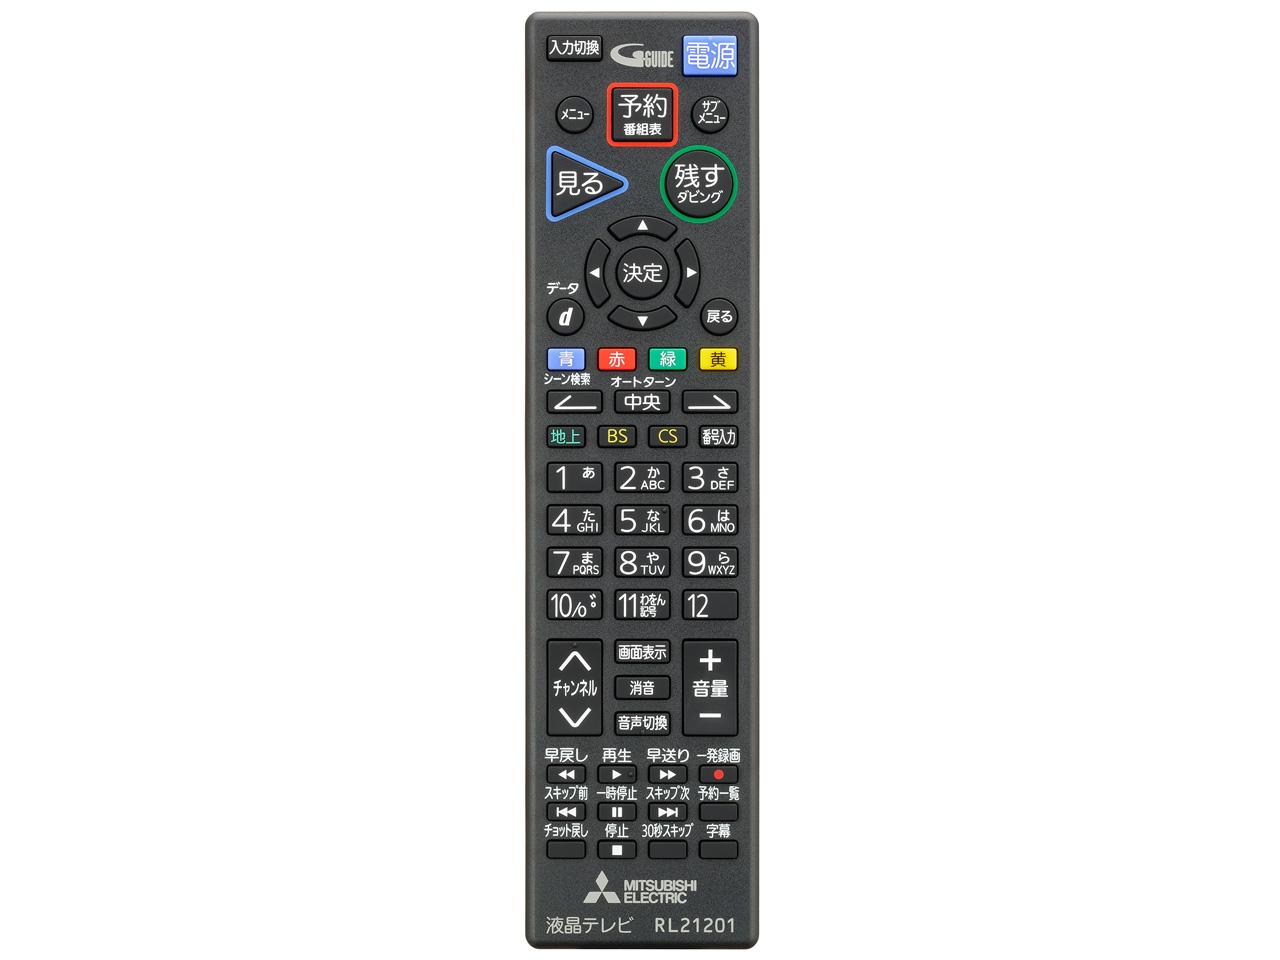 『リモコン』 REAL LCD-A32BHR10 [32インチ] の製品画像